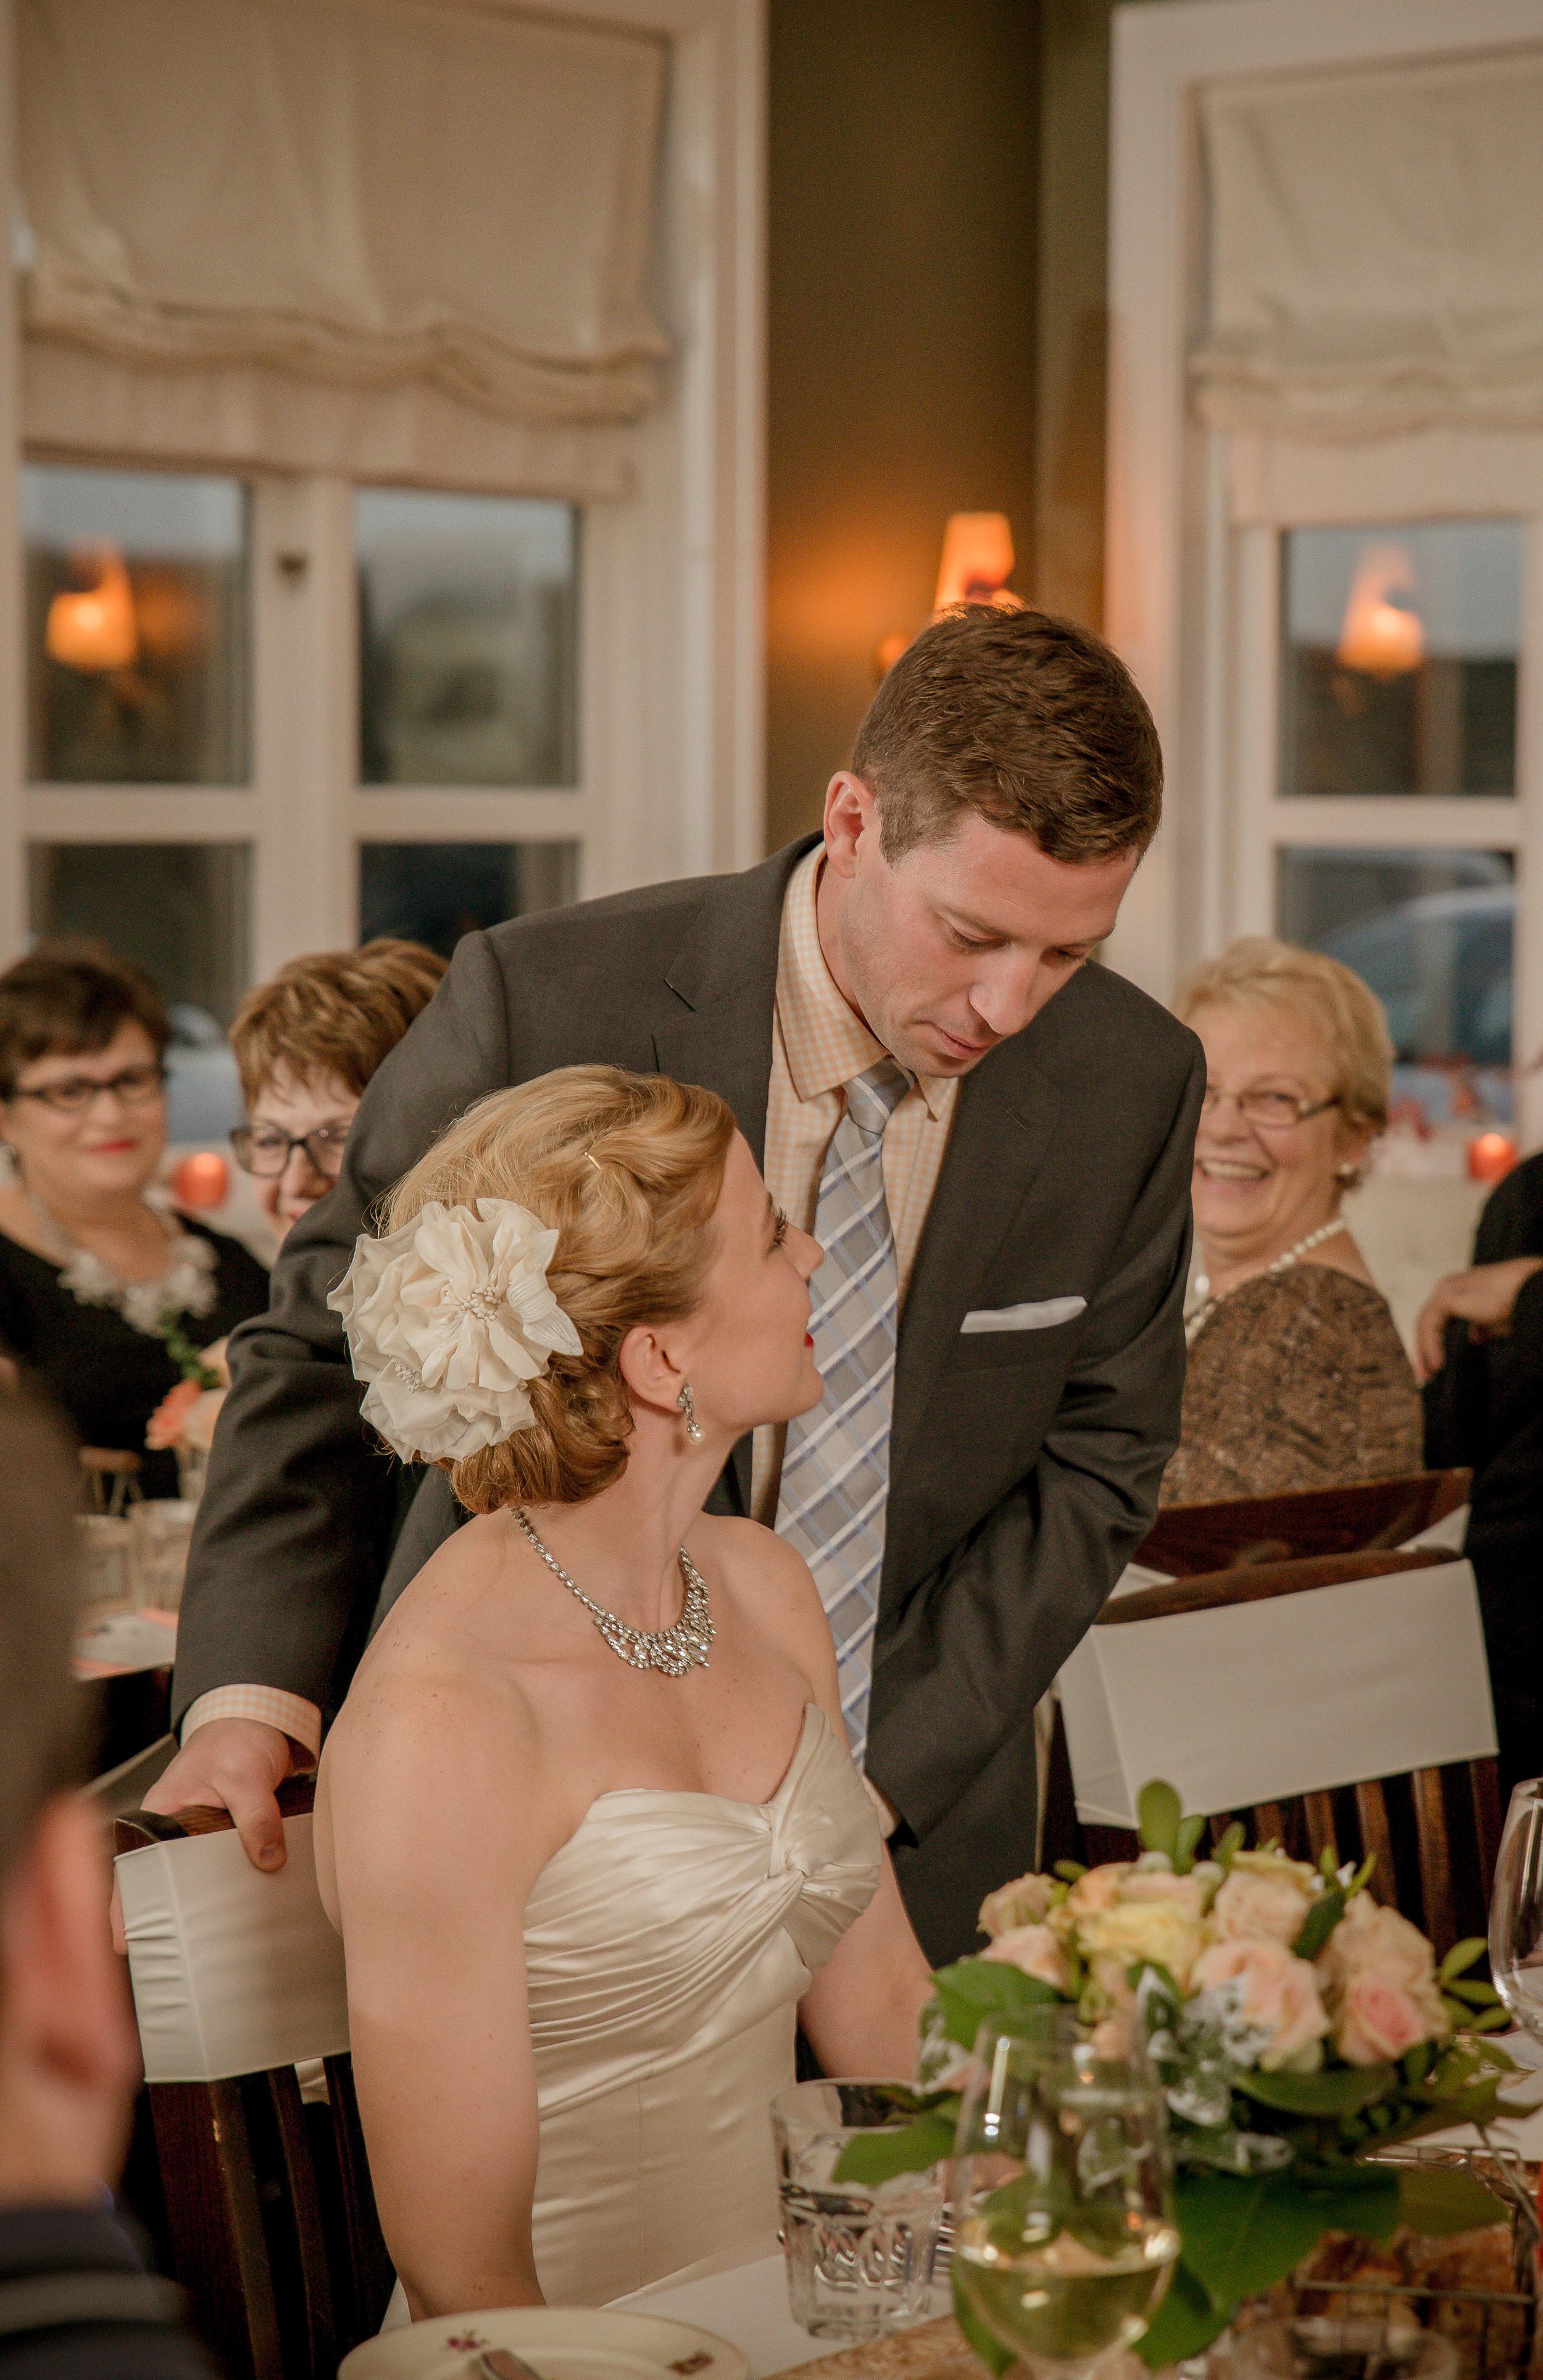 Iceland-Wedding-Photographer-Photos-by-Miss-Ann-49.jpg